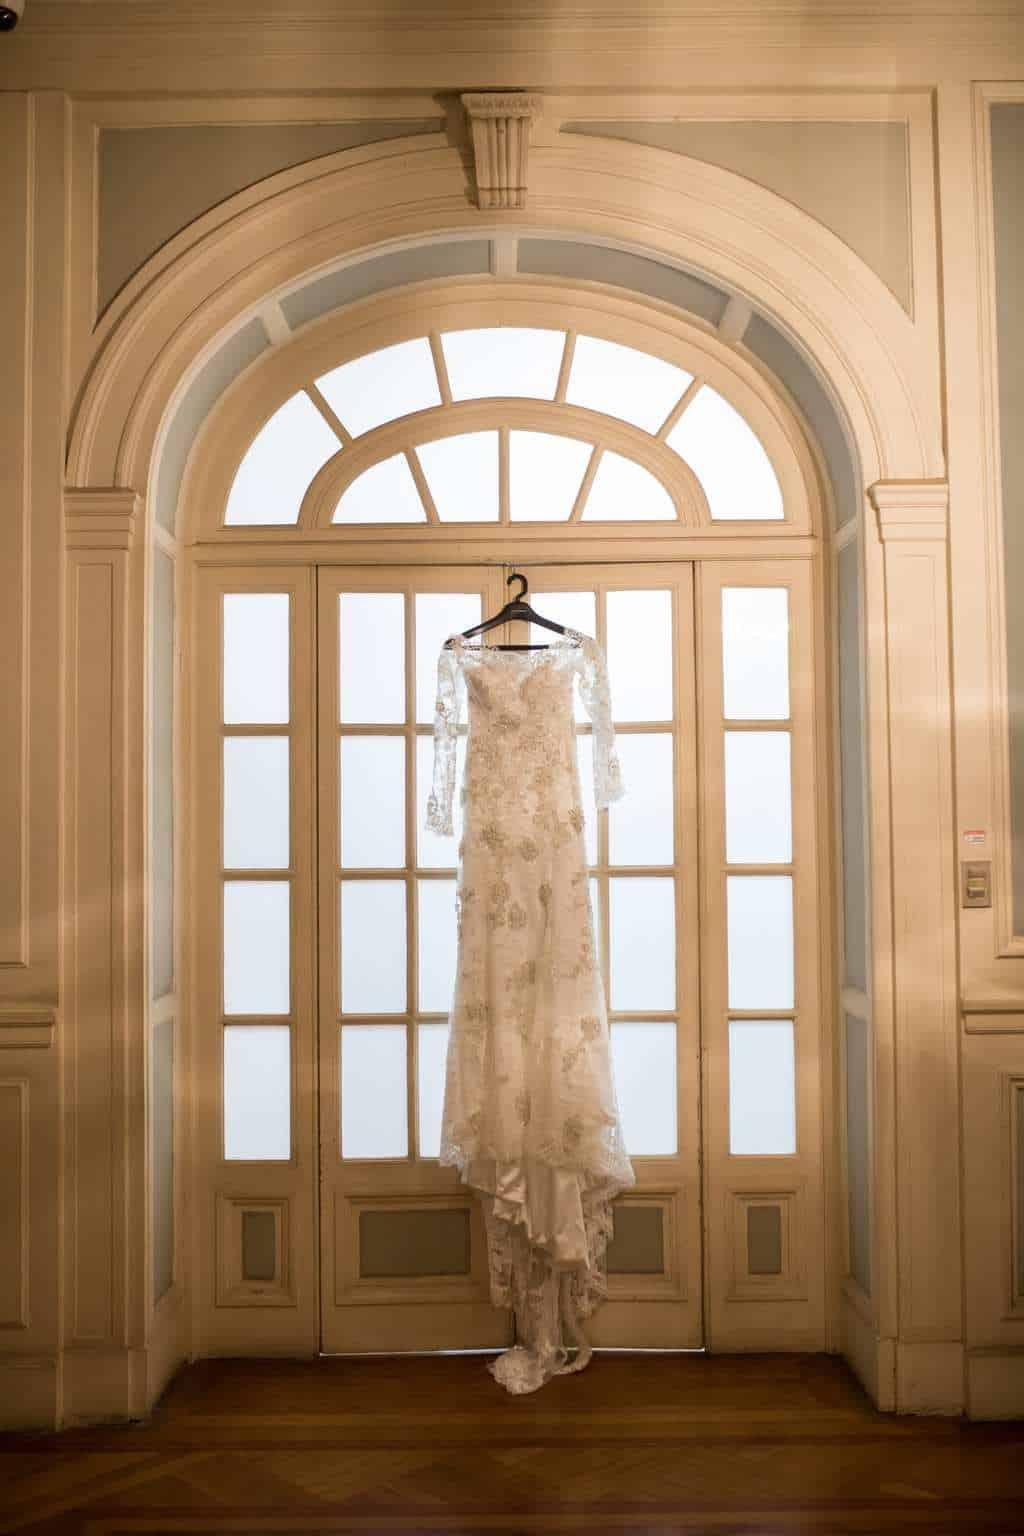 casamento-fernanda-e-leandro-casamento-sp-Fotografia-Produtora-7-casamento-clássico-casamento-tradicional-wedding-6